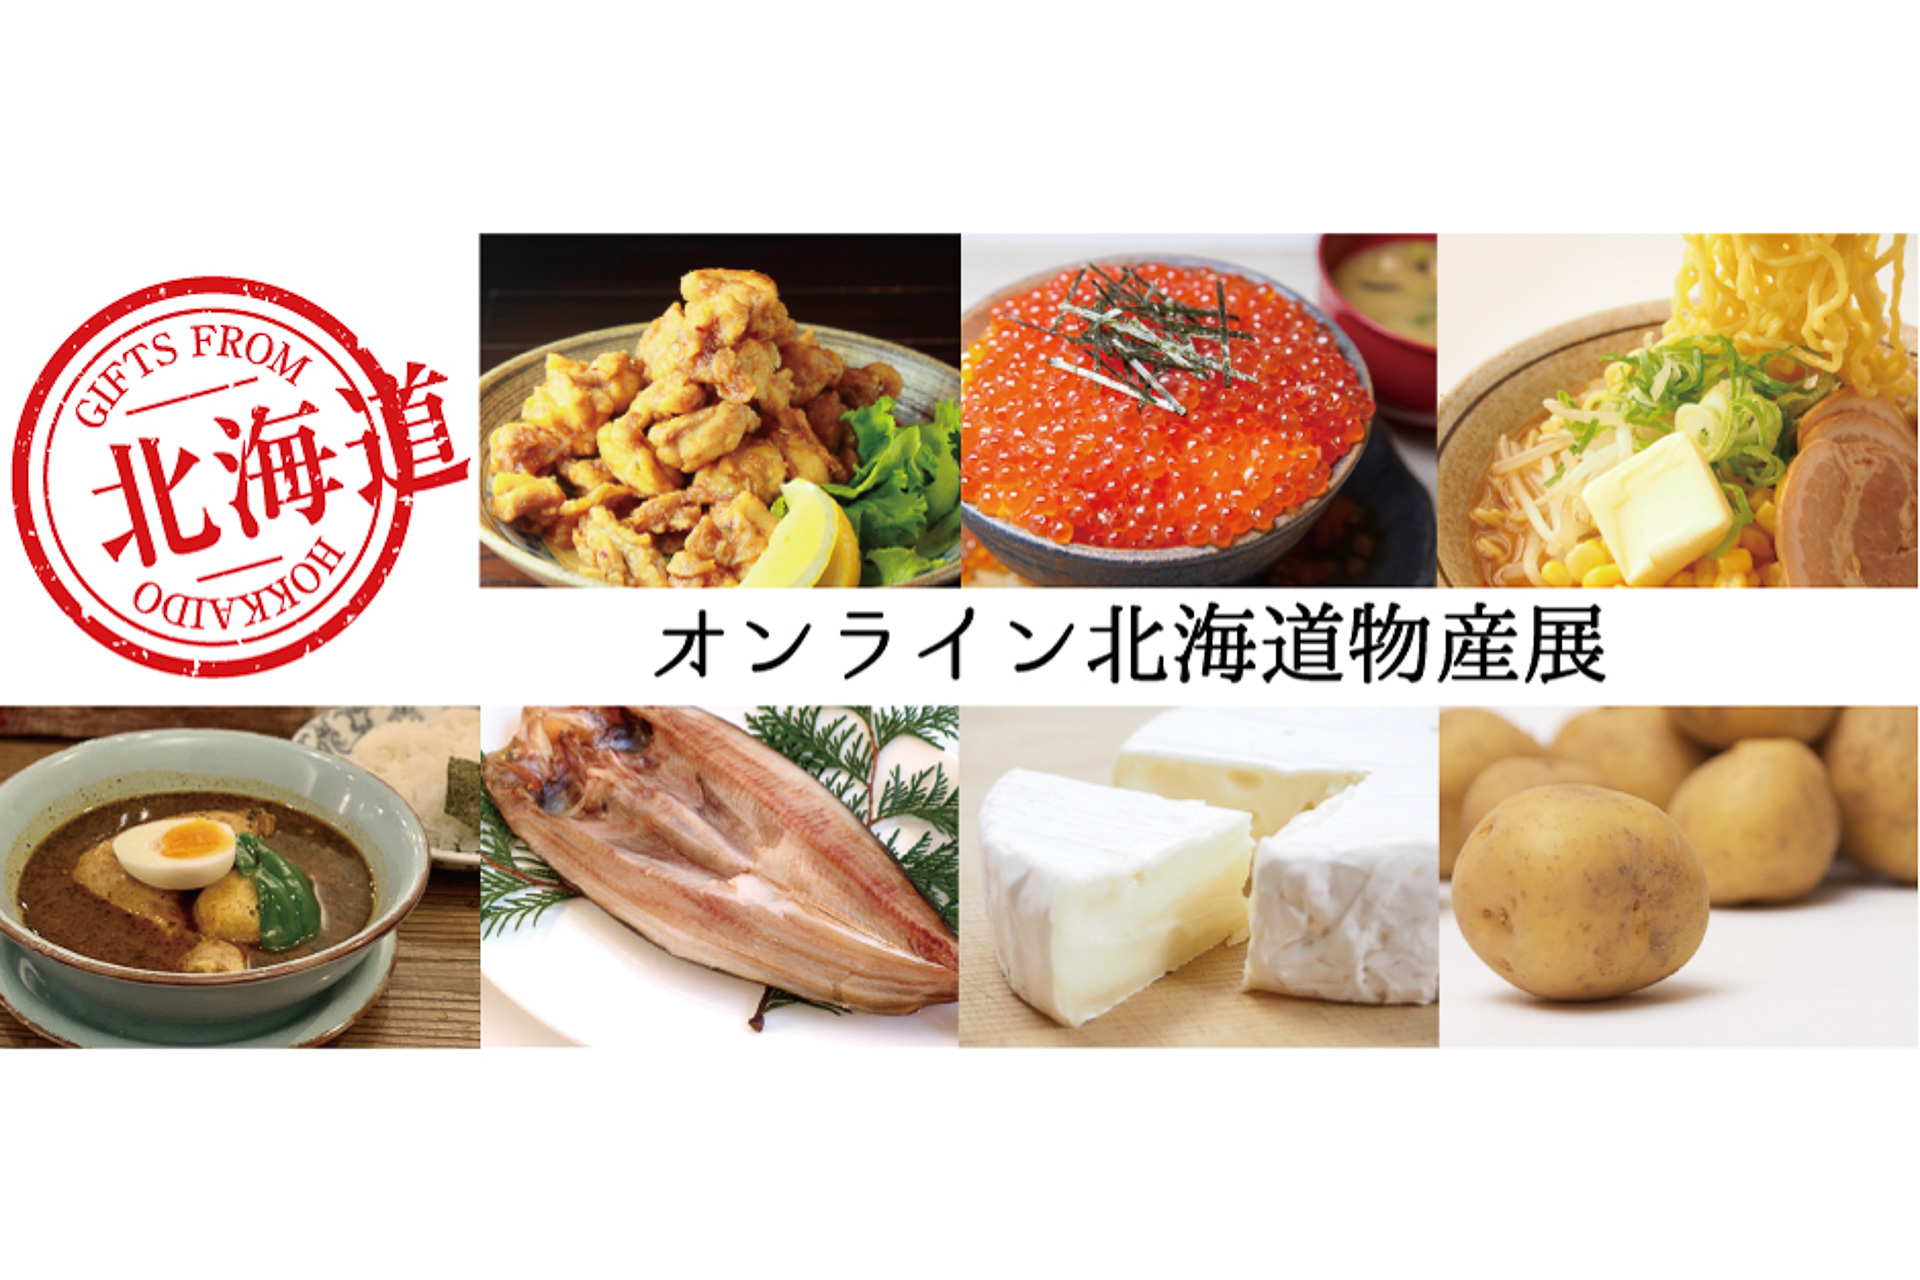 物産 通販 北海道